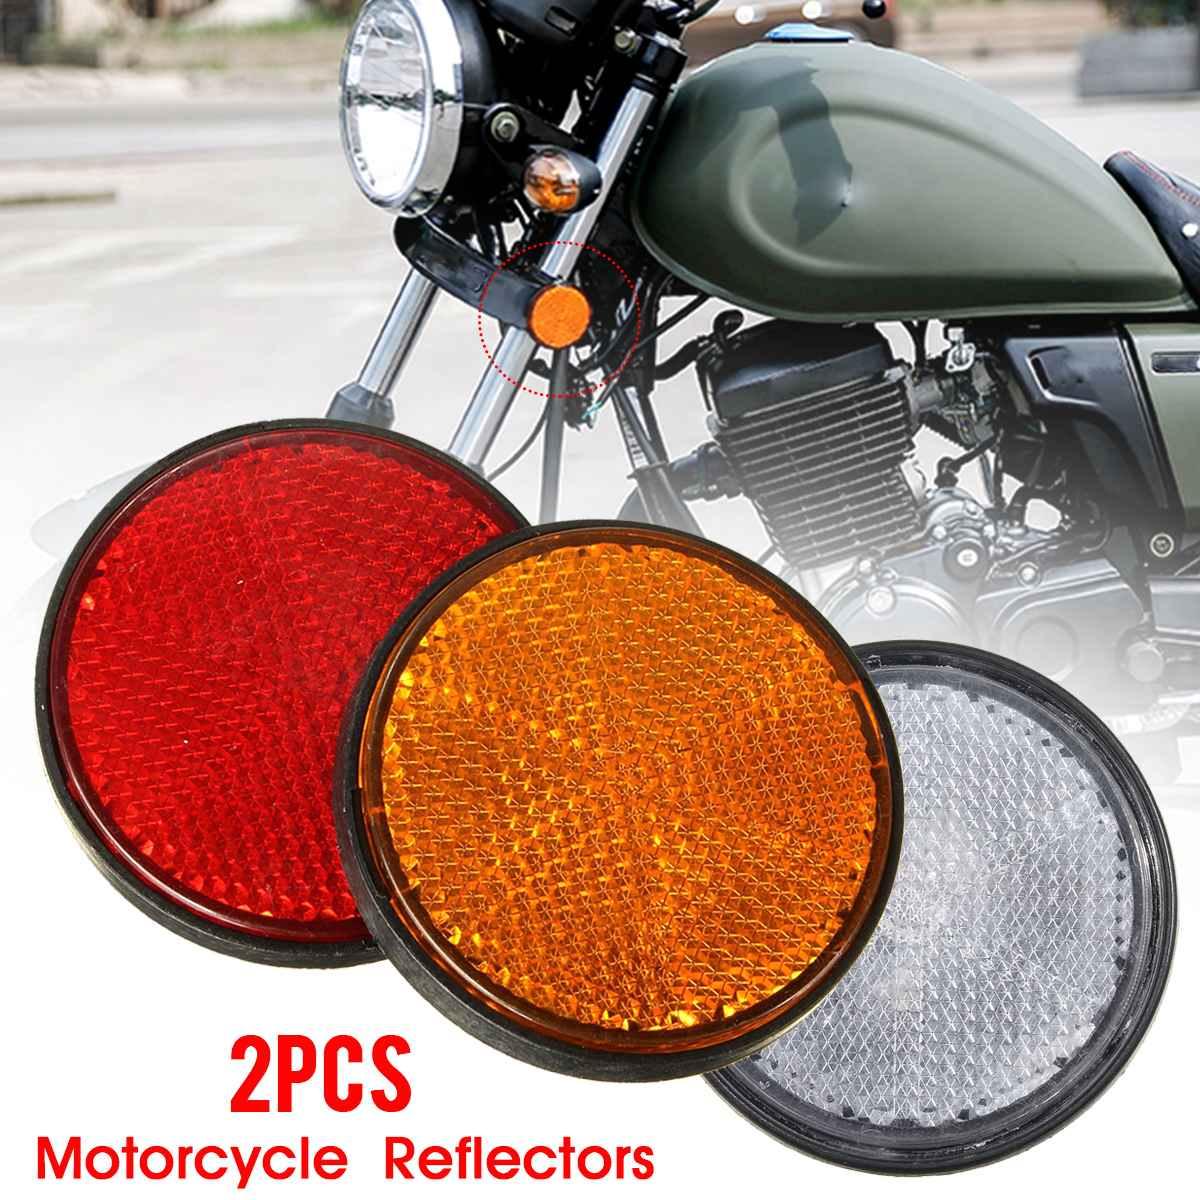 Parafuso número de placa redondo, 2x 2 2 Polegada motocicleta atv scooter bicicletas de sujeira refletor vermelho laranja